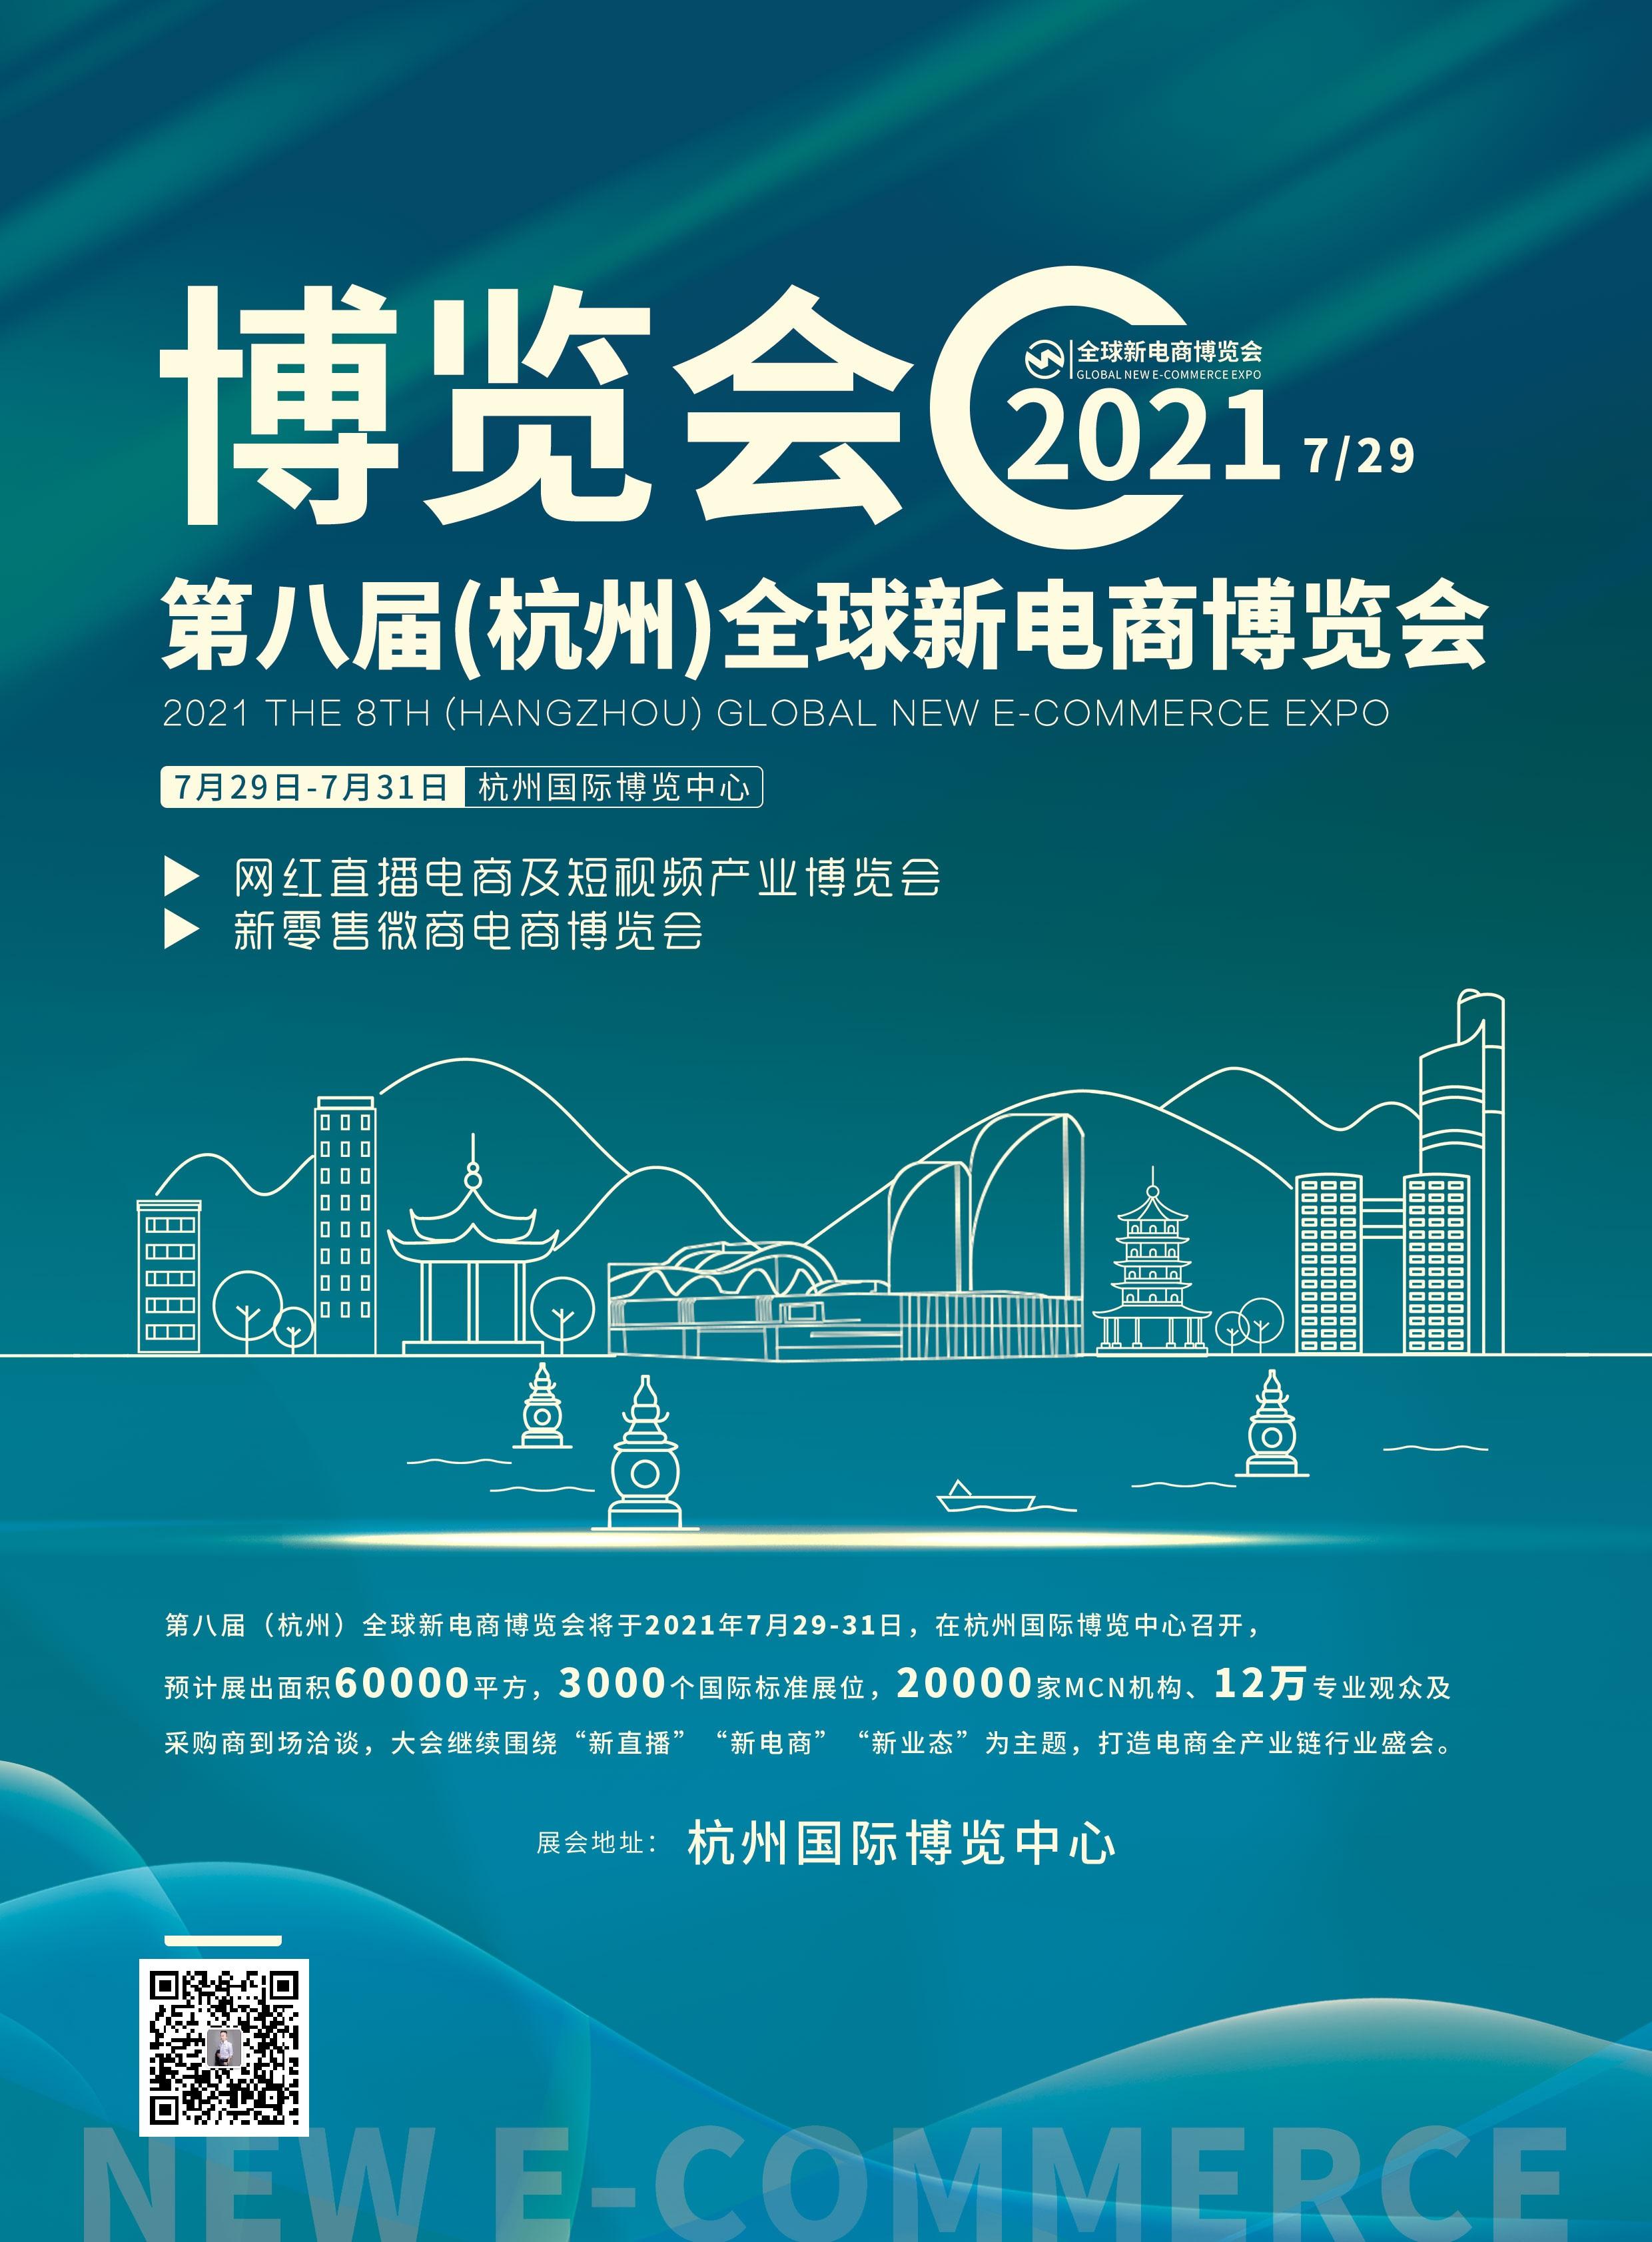 2021全球新电商博览会暨杭州社交新零售网红直播电商博览会